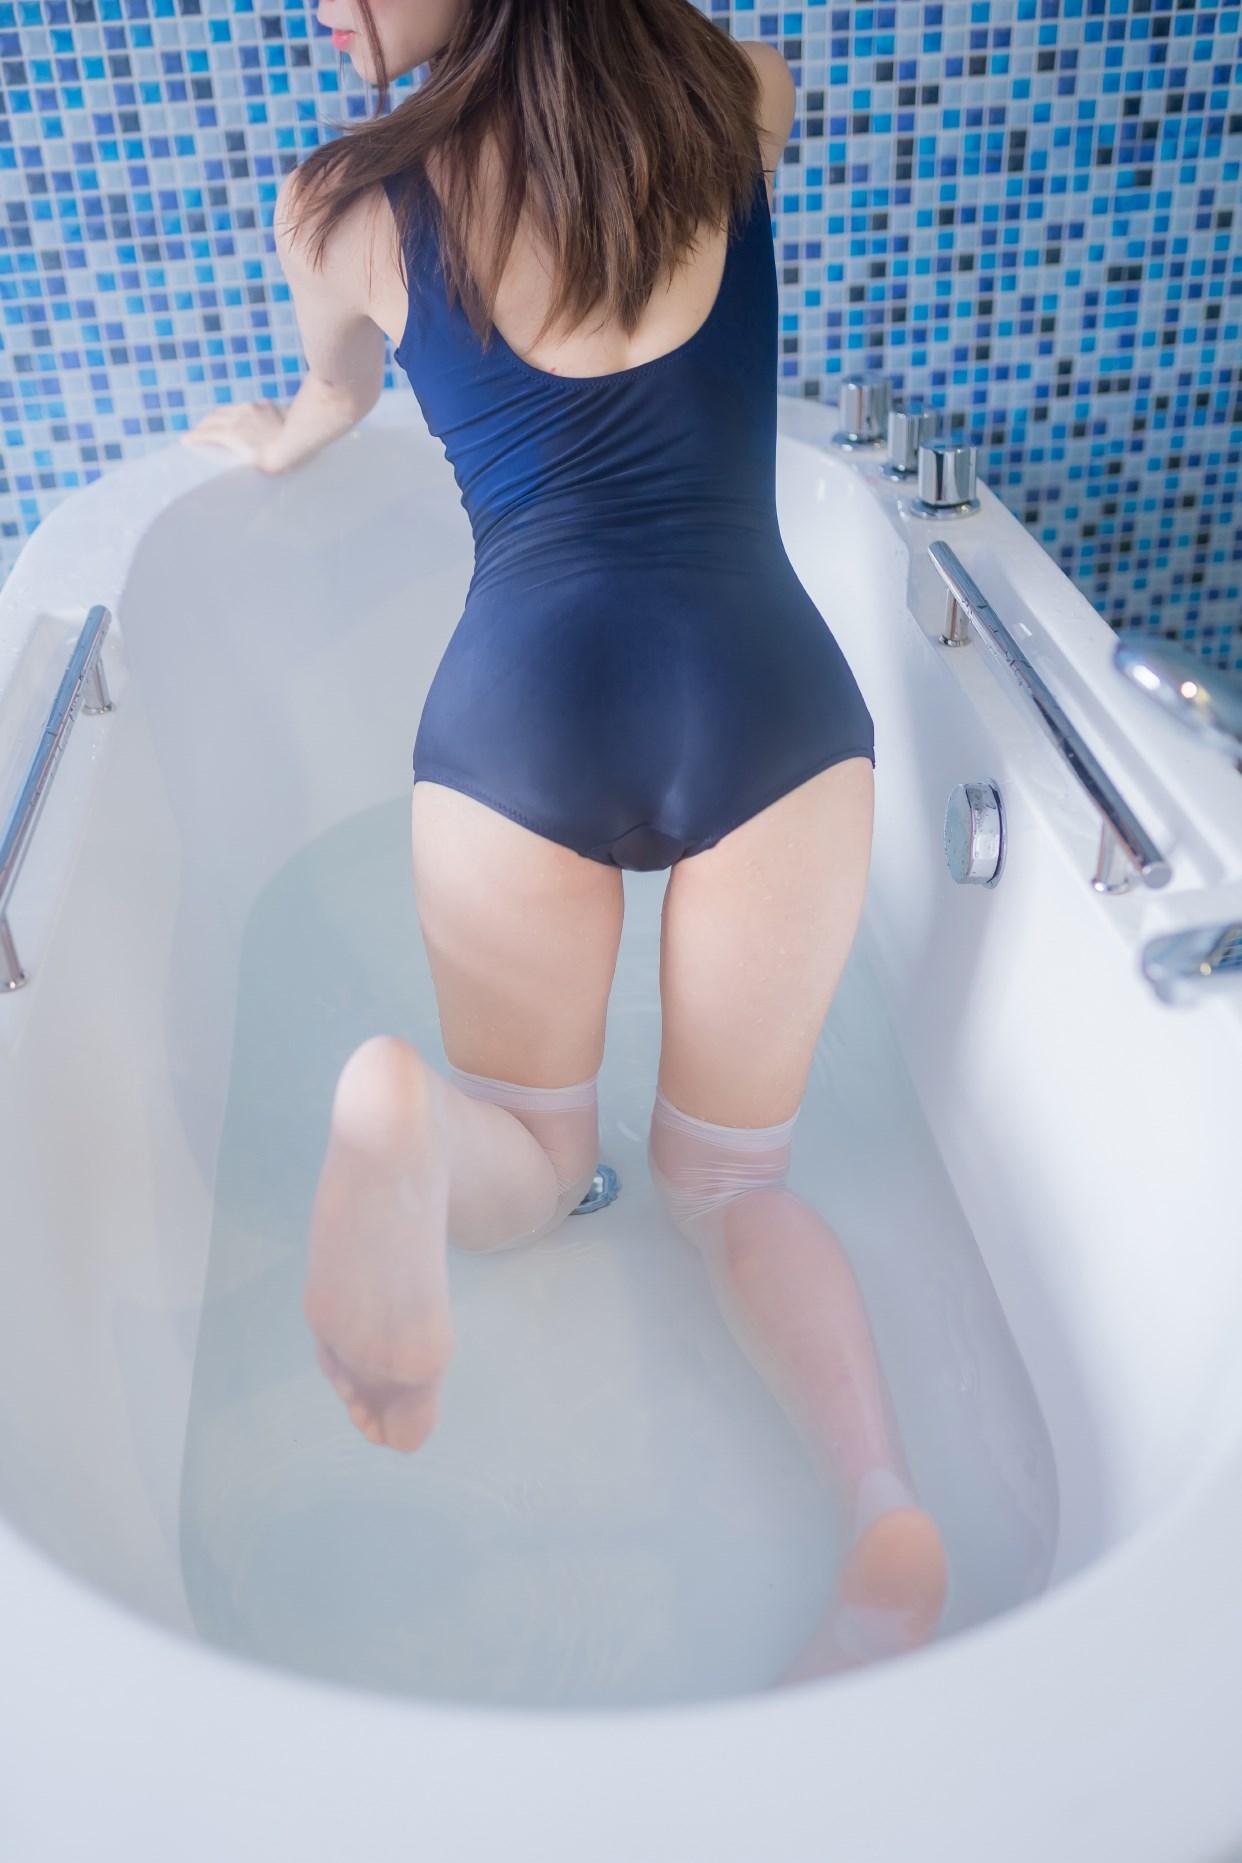 【兔玩映画】vol.18-浴室里 兔玩映画 第39张